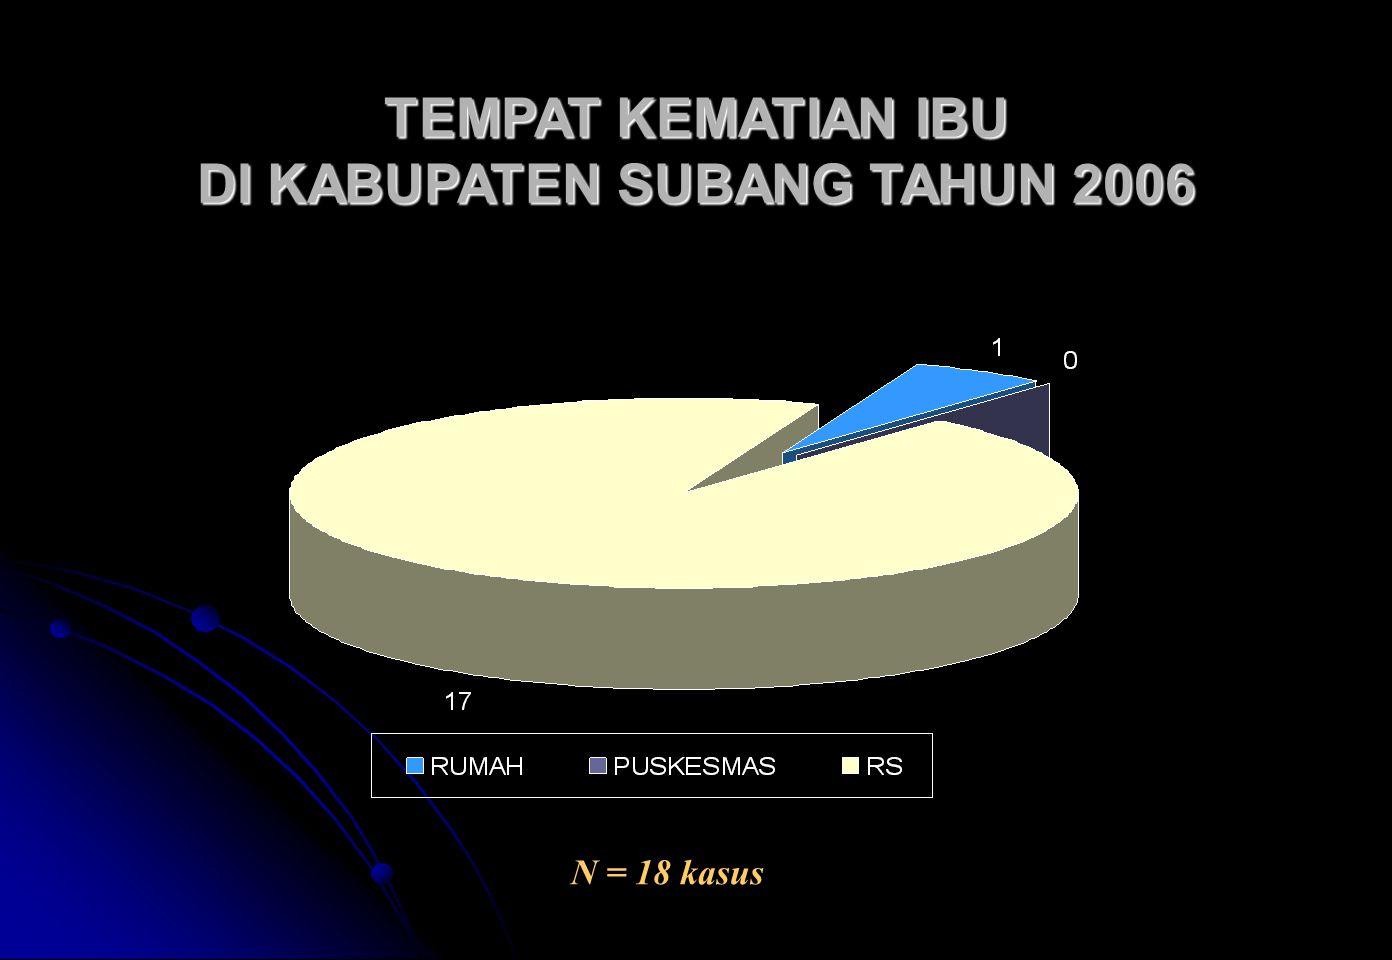 TEMPAT KEMATIAN IBU DI KABUPATEN SUBANG TAHUN 2006 N = 18 kasus